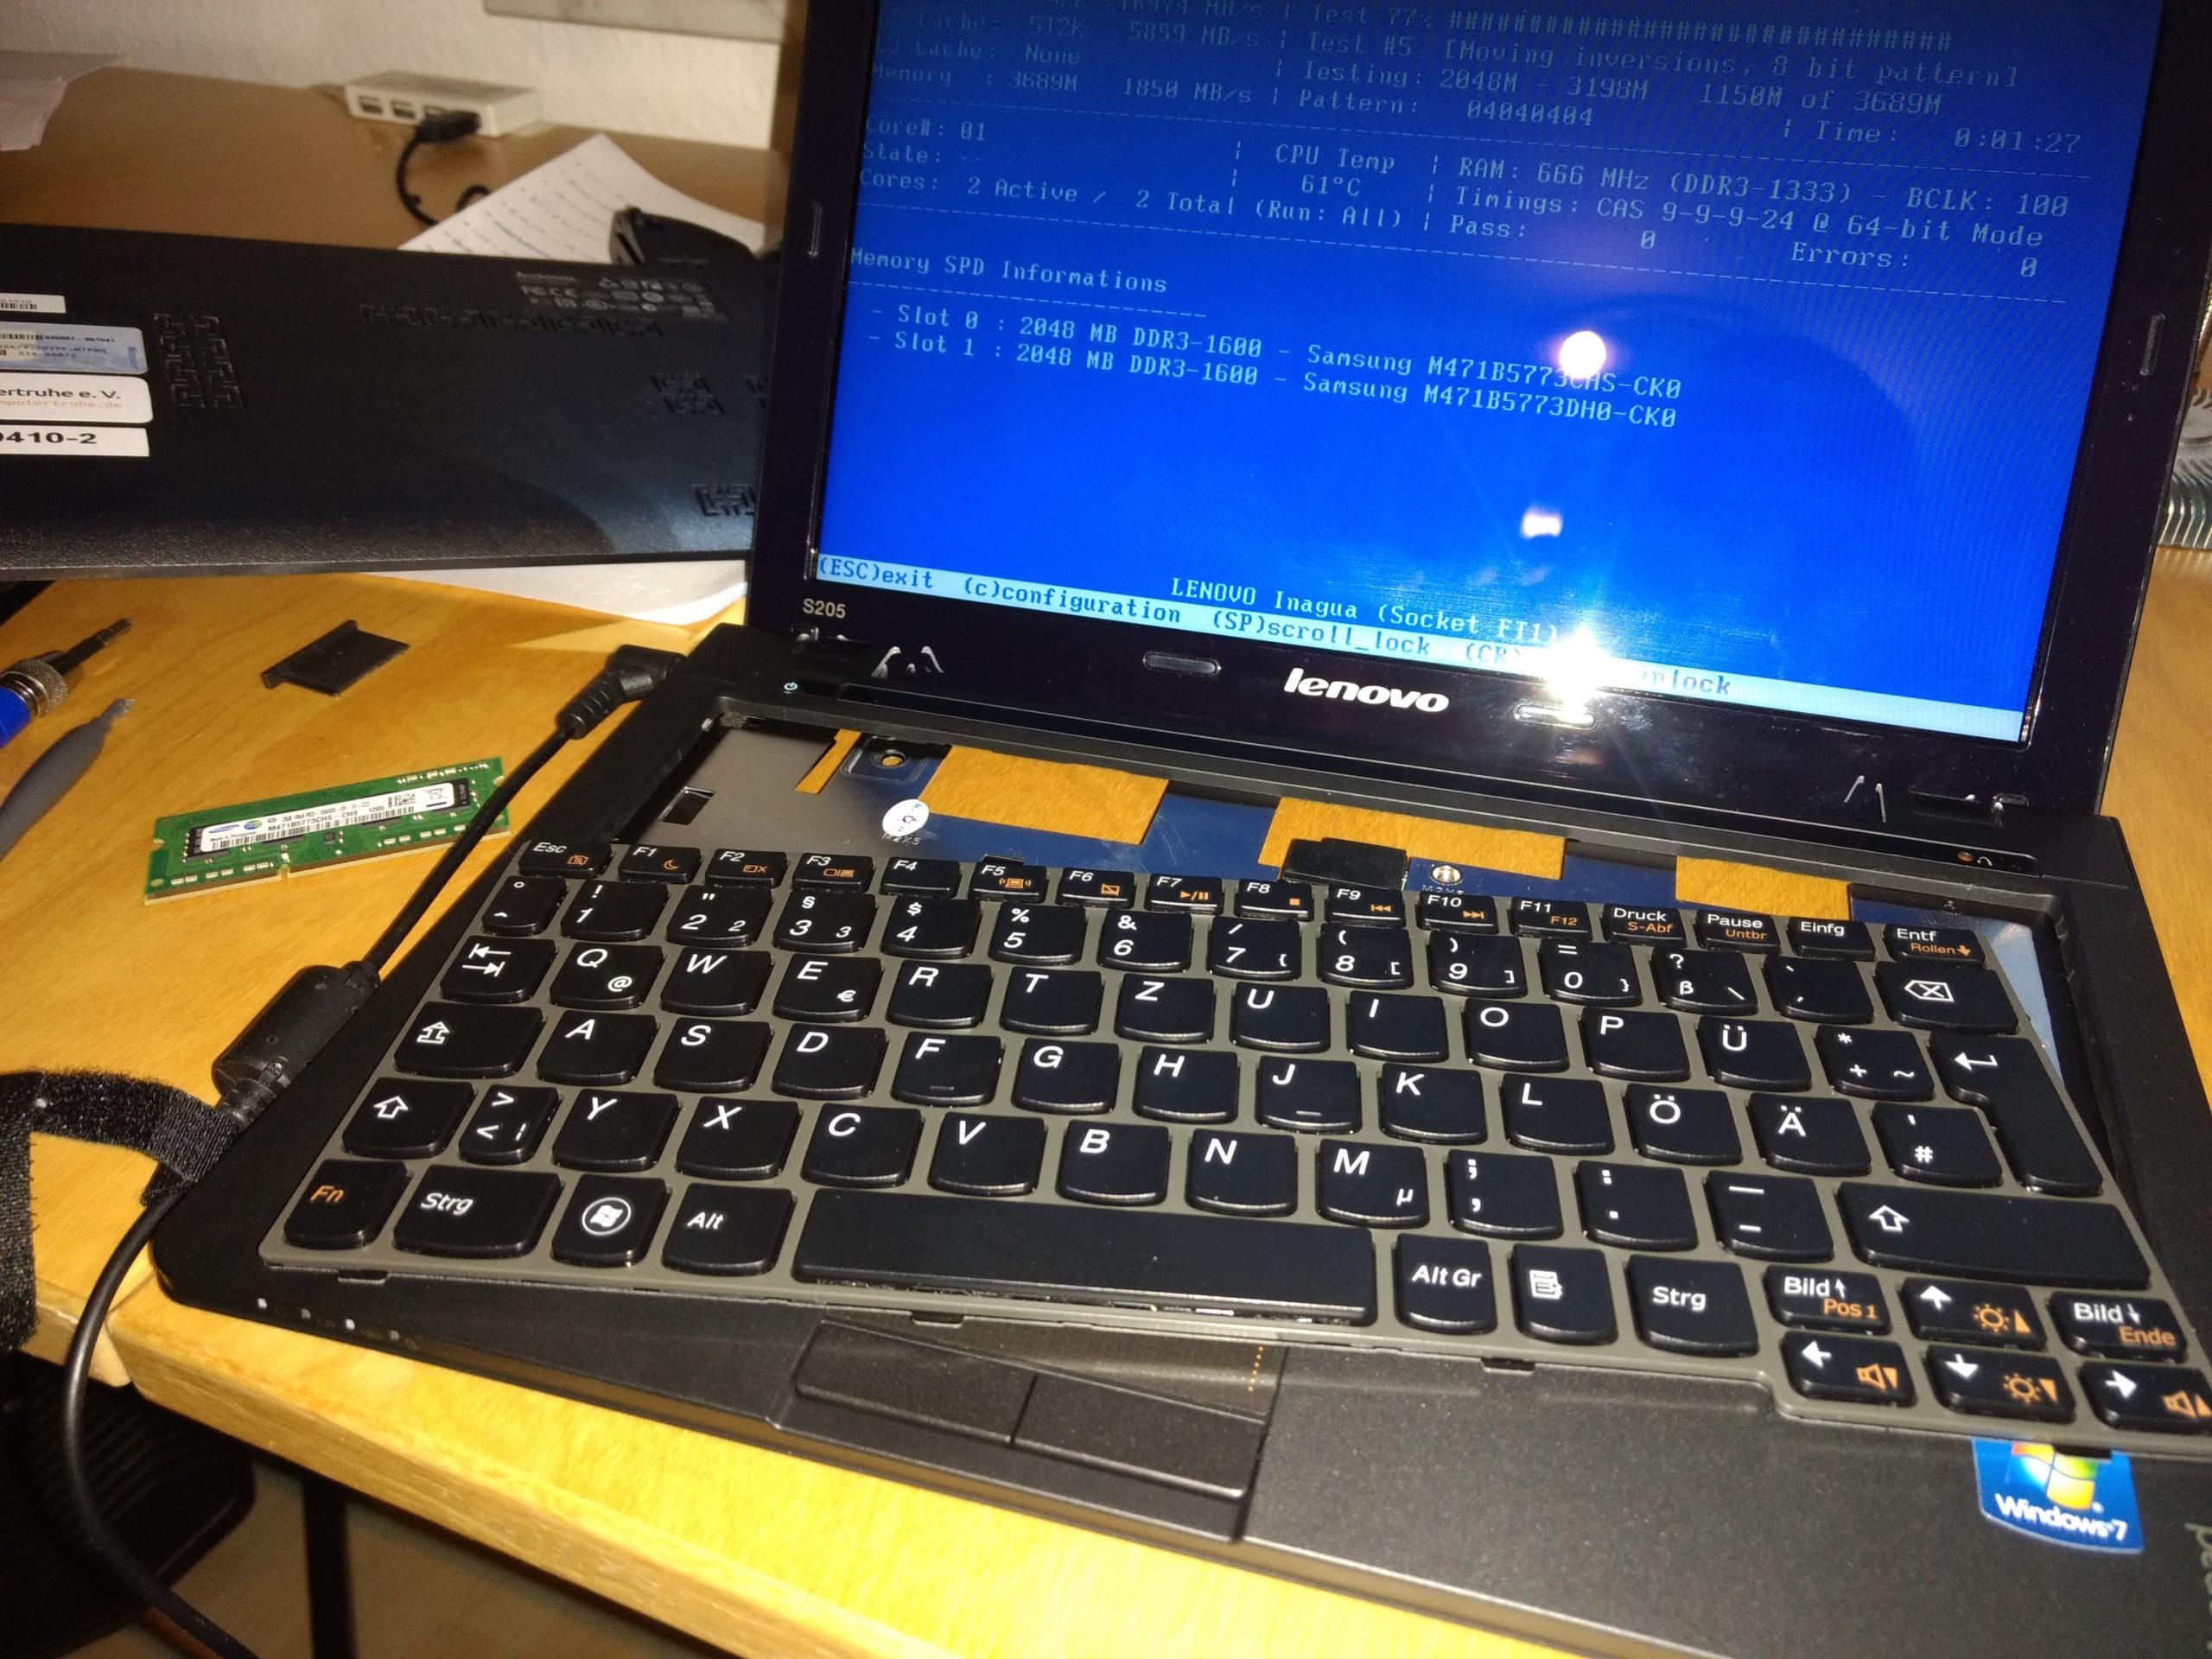 Auf einem Schreibtisch befindet sich ein laufendes Lenovo Ideapad S205, welches einen Speichertest durchführt. Die Tastatur wurde herausgelöst und neben dem Gerät liegt ein Speicherriegel, Werkzeug und die Bodenplatte des Laptops.